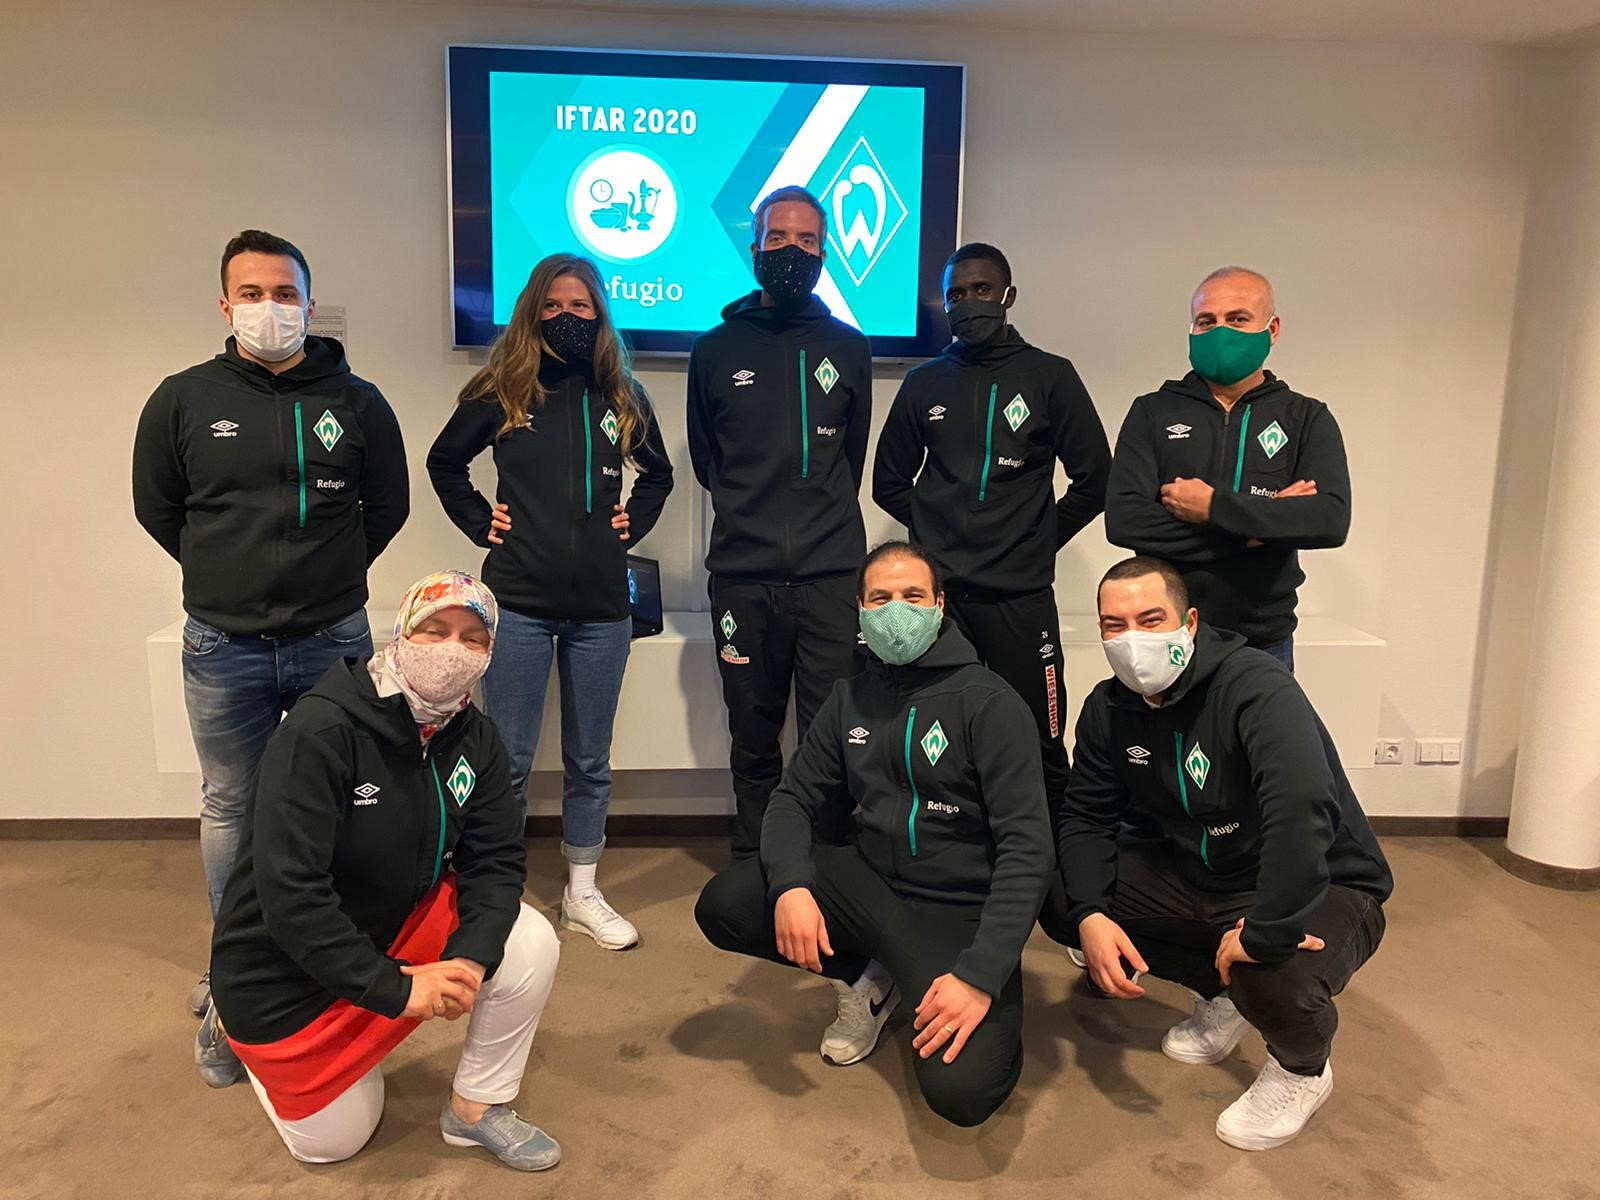 Trainer*innen des SV Werder Bremen stehen mit Mund-Nasen-Schutz nebeneinander.